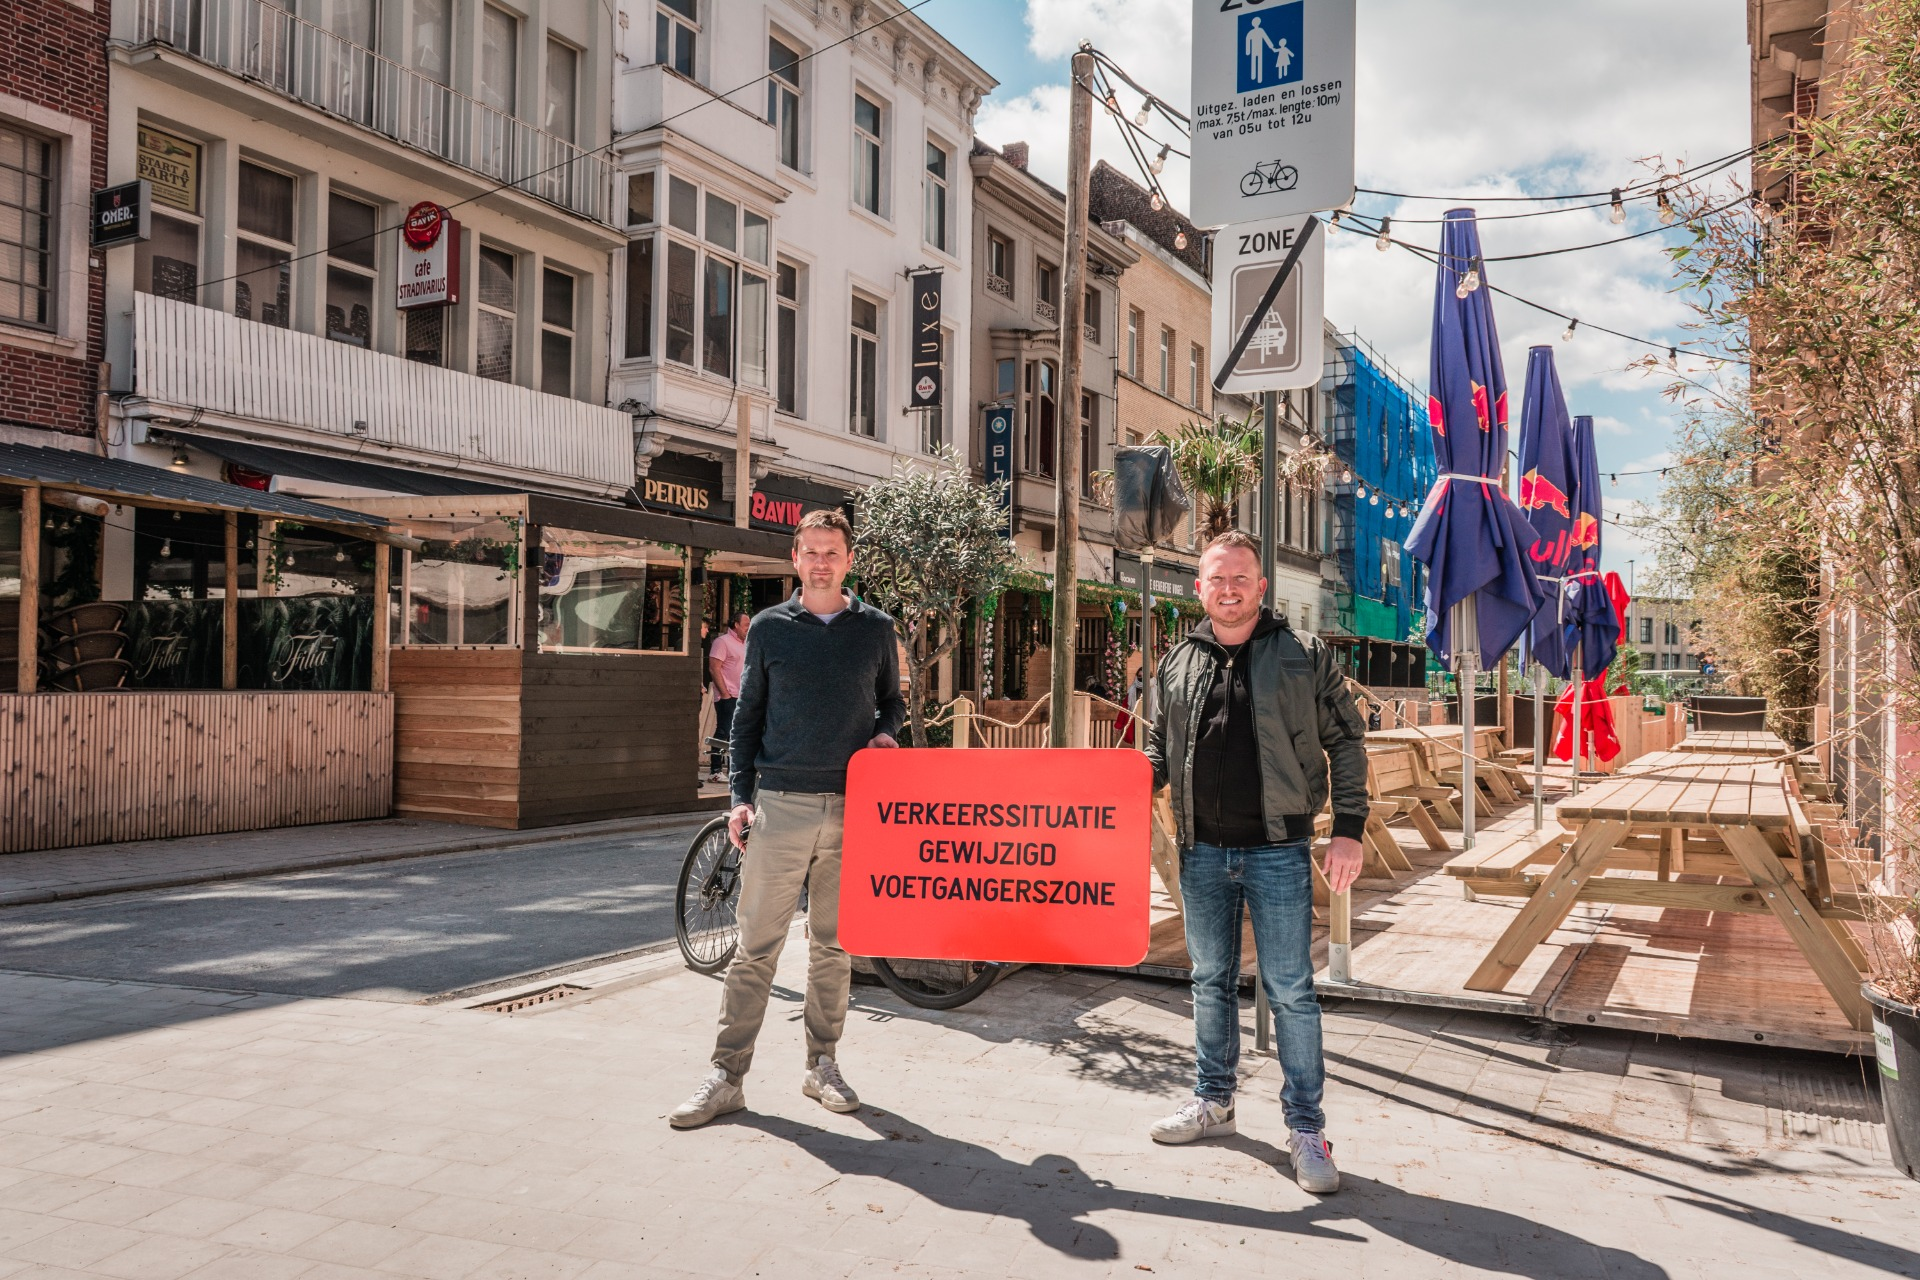 Schepen Axel Weydts en schepen Arne Vandendriessche bij de voetgangerszone in 't straatje (copyright: Kortrijk)